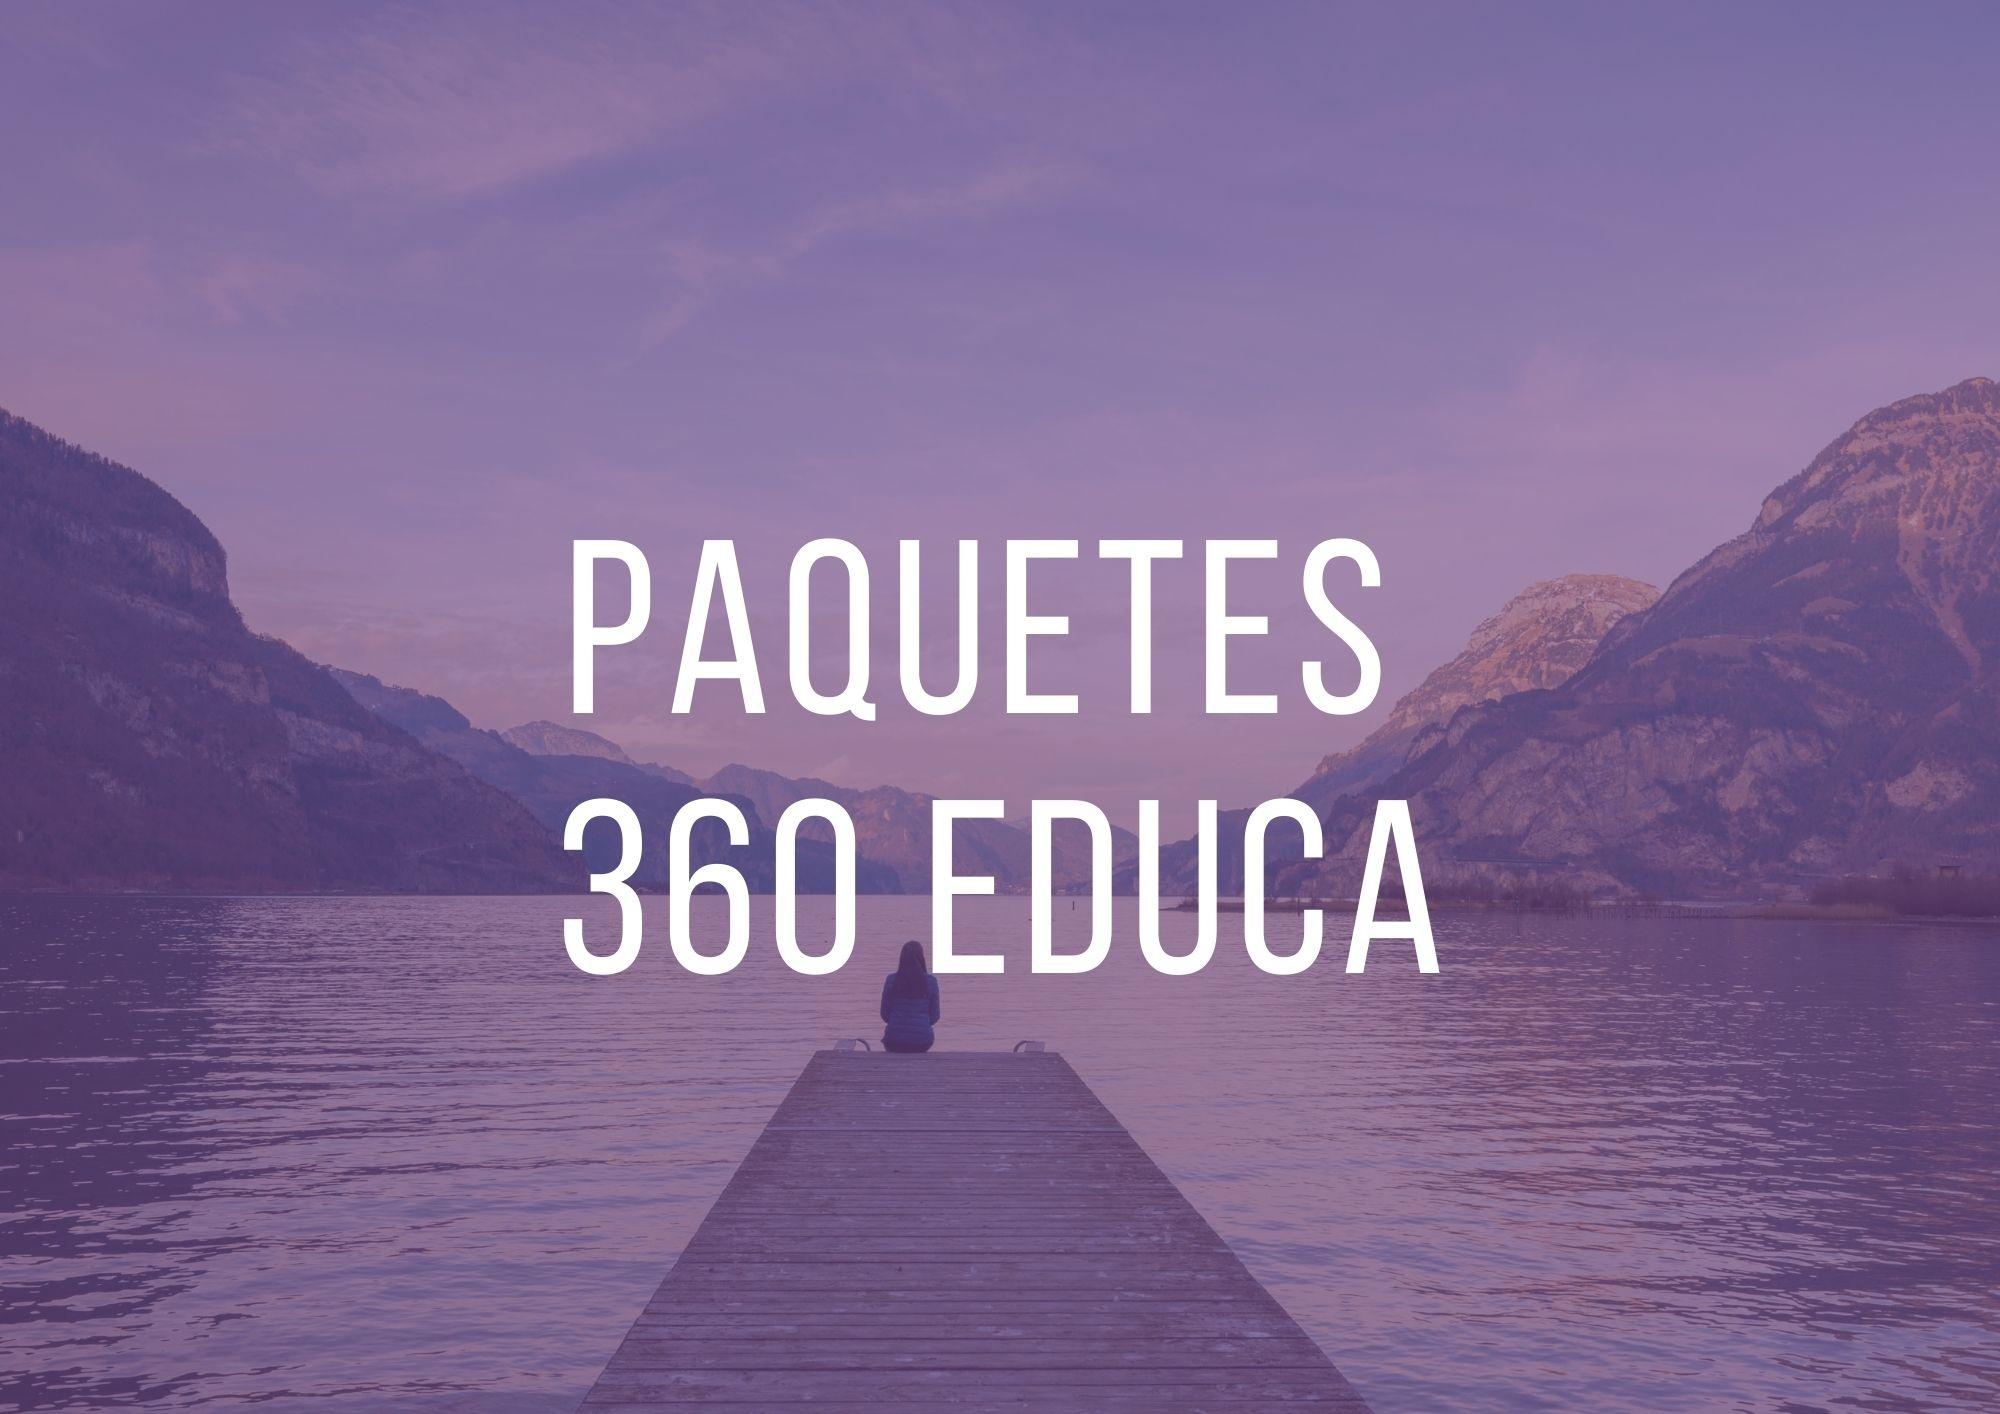 Paquetes 360Educa